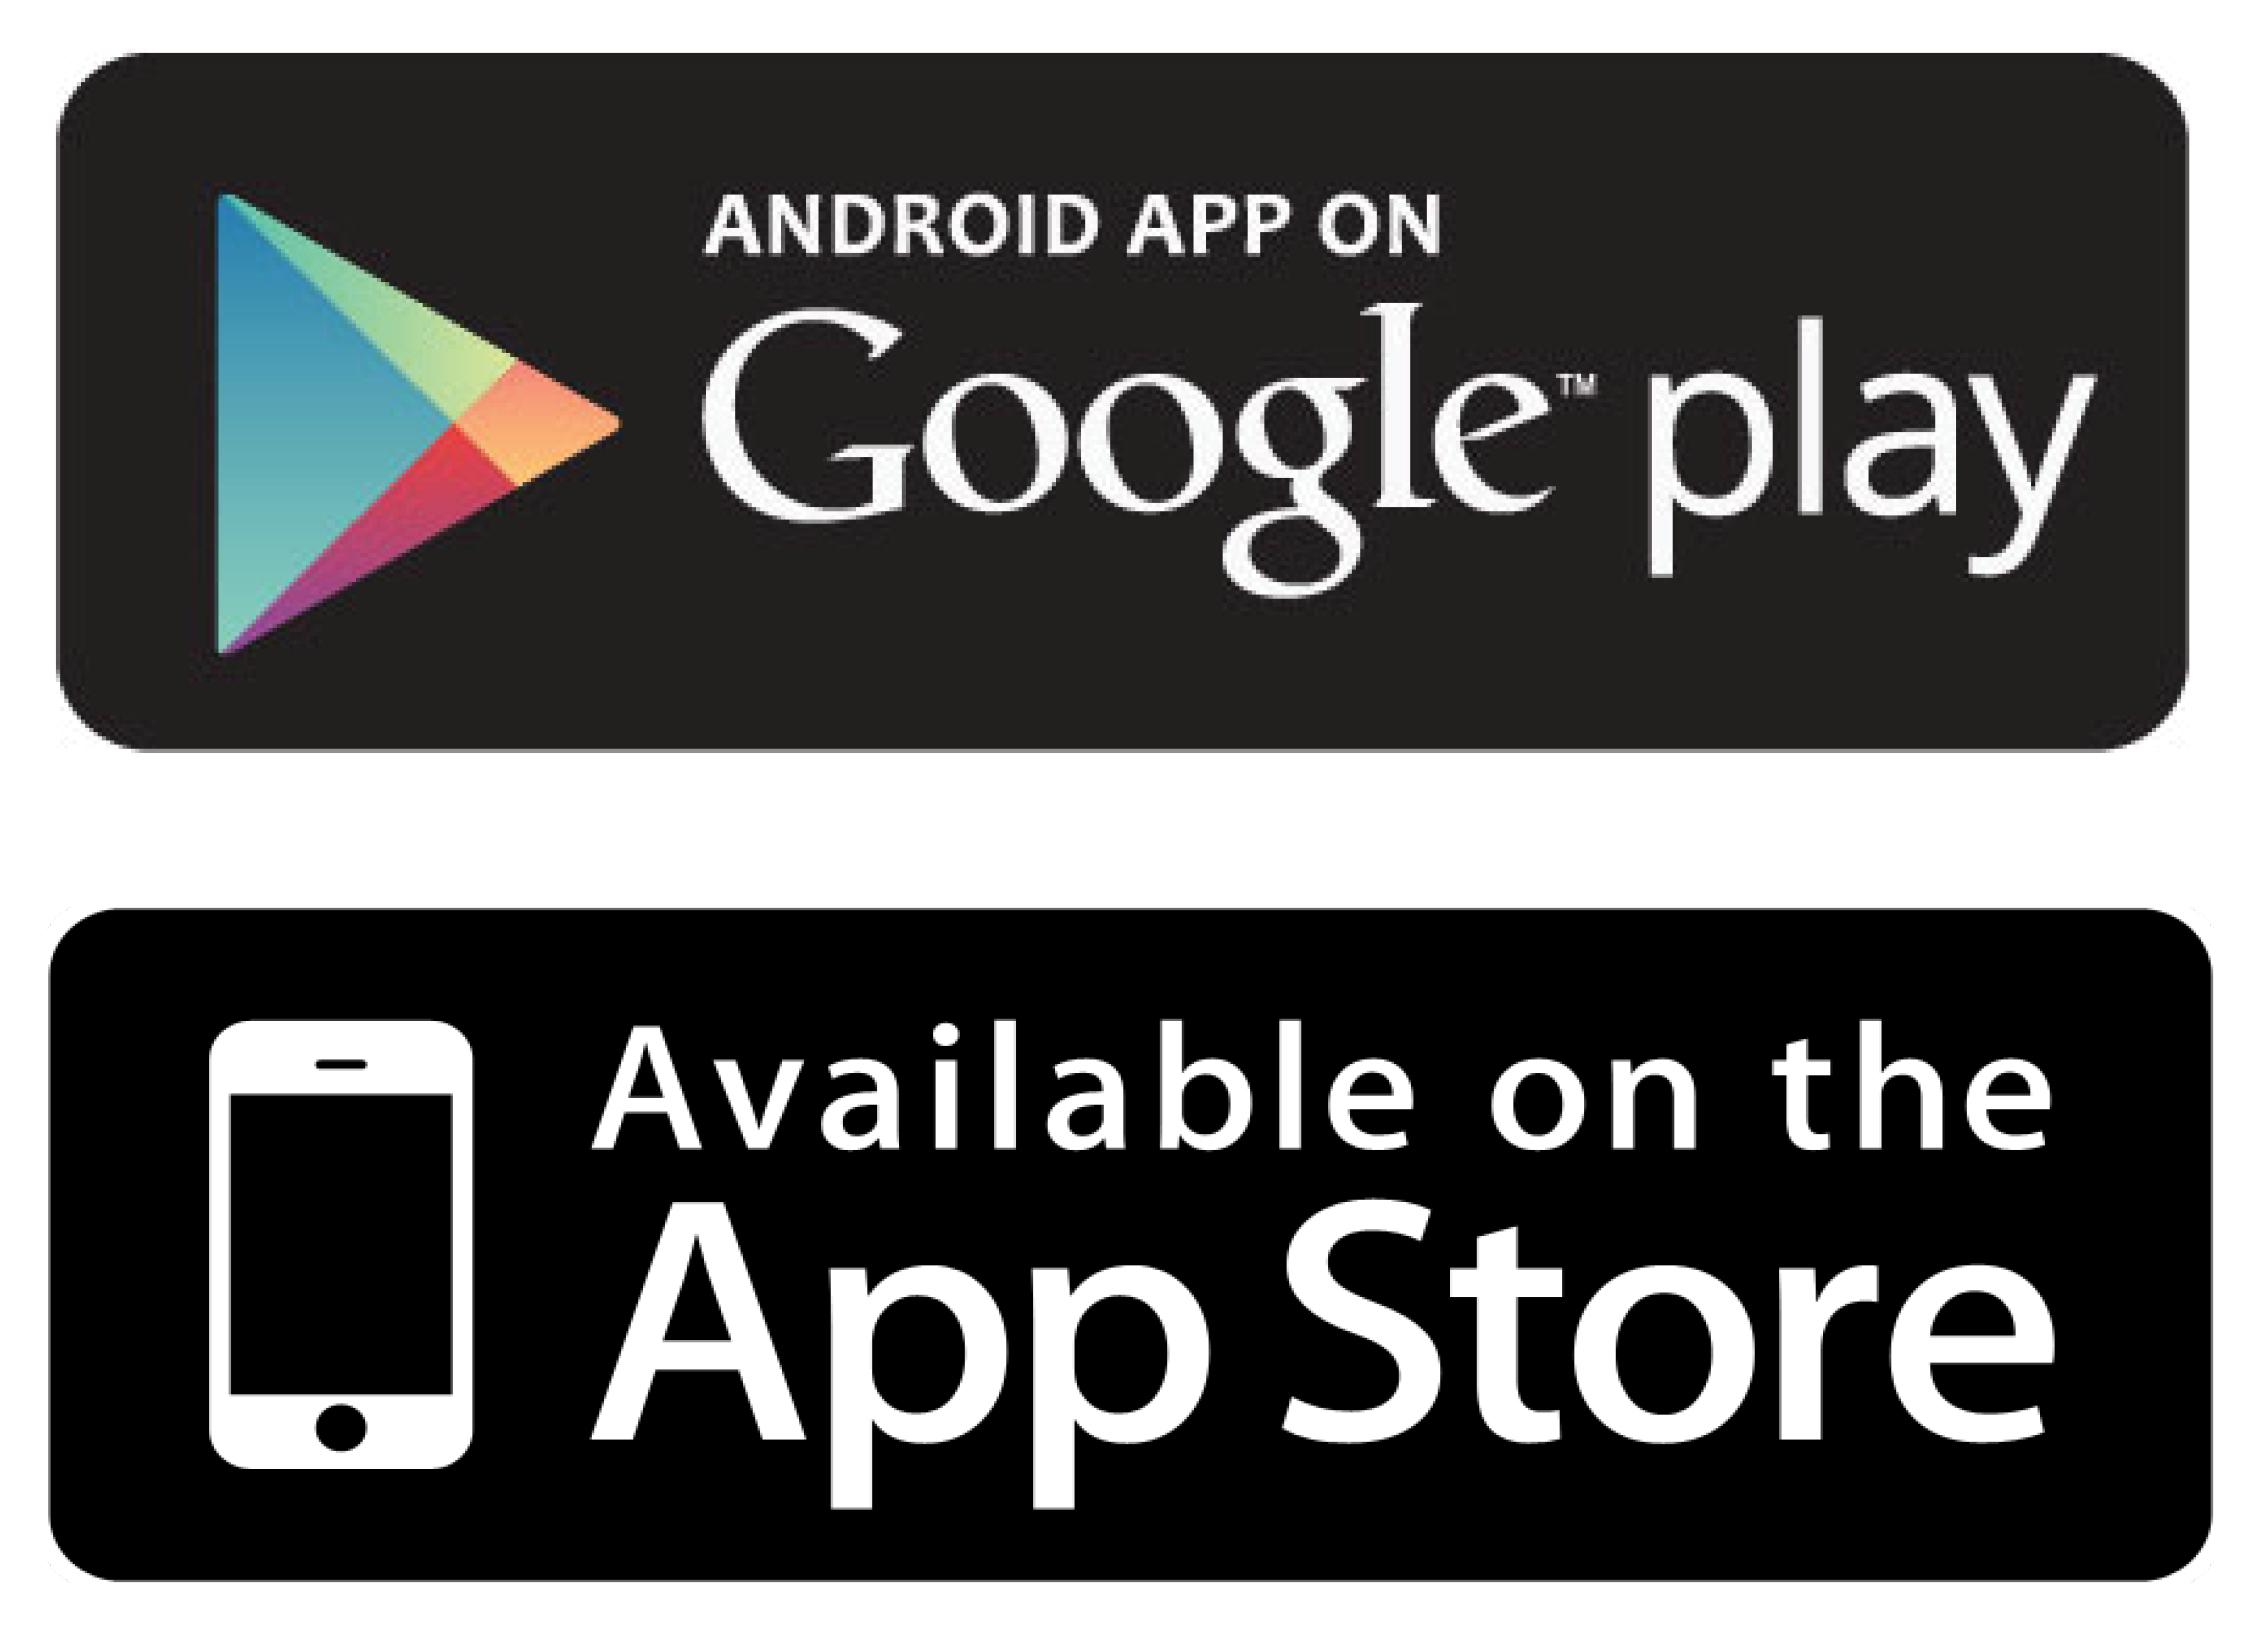 Applicazioni Mobile sul Melanoma